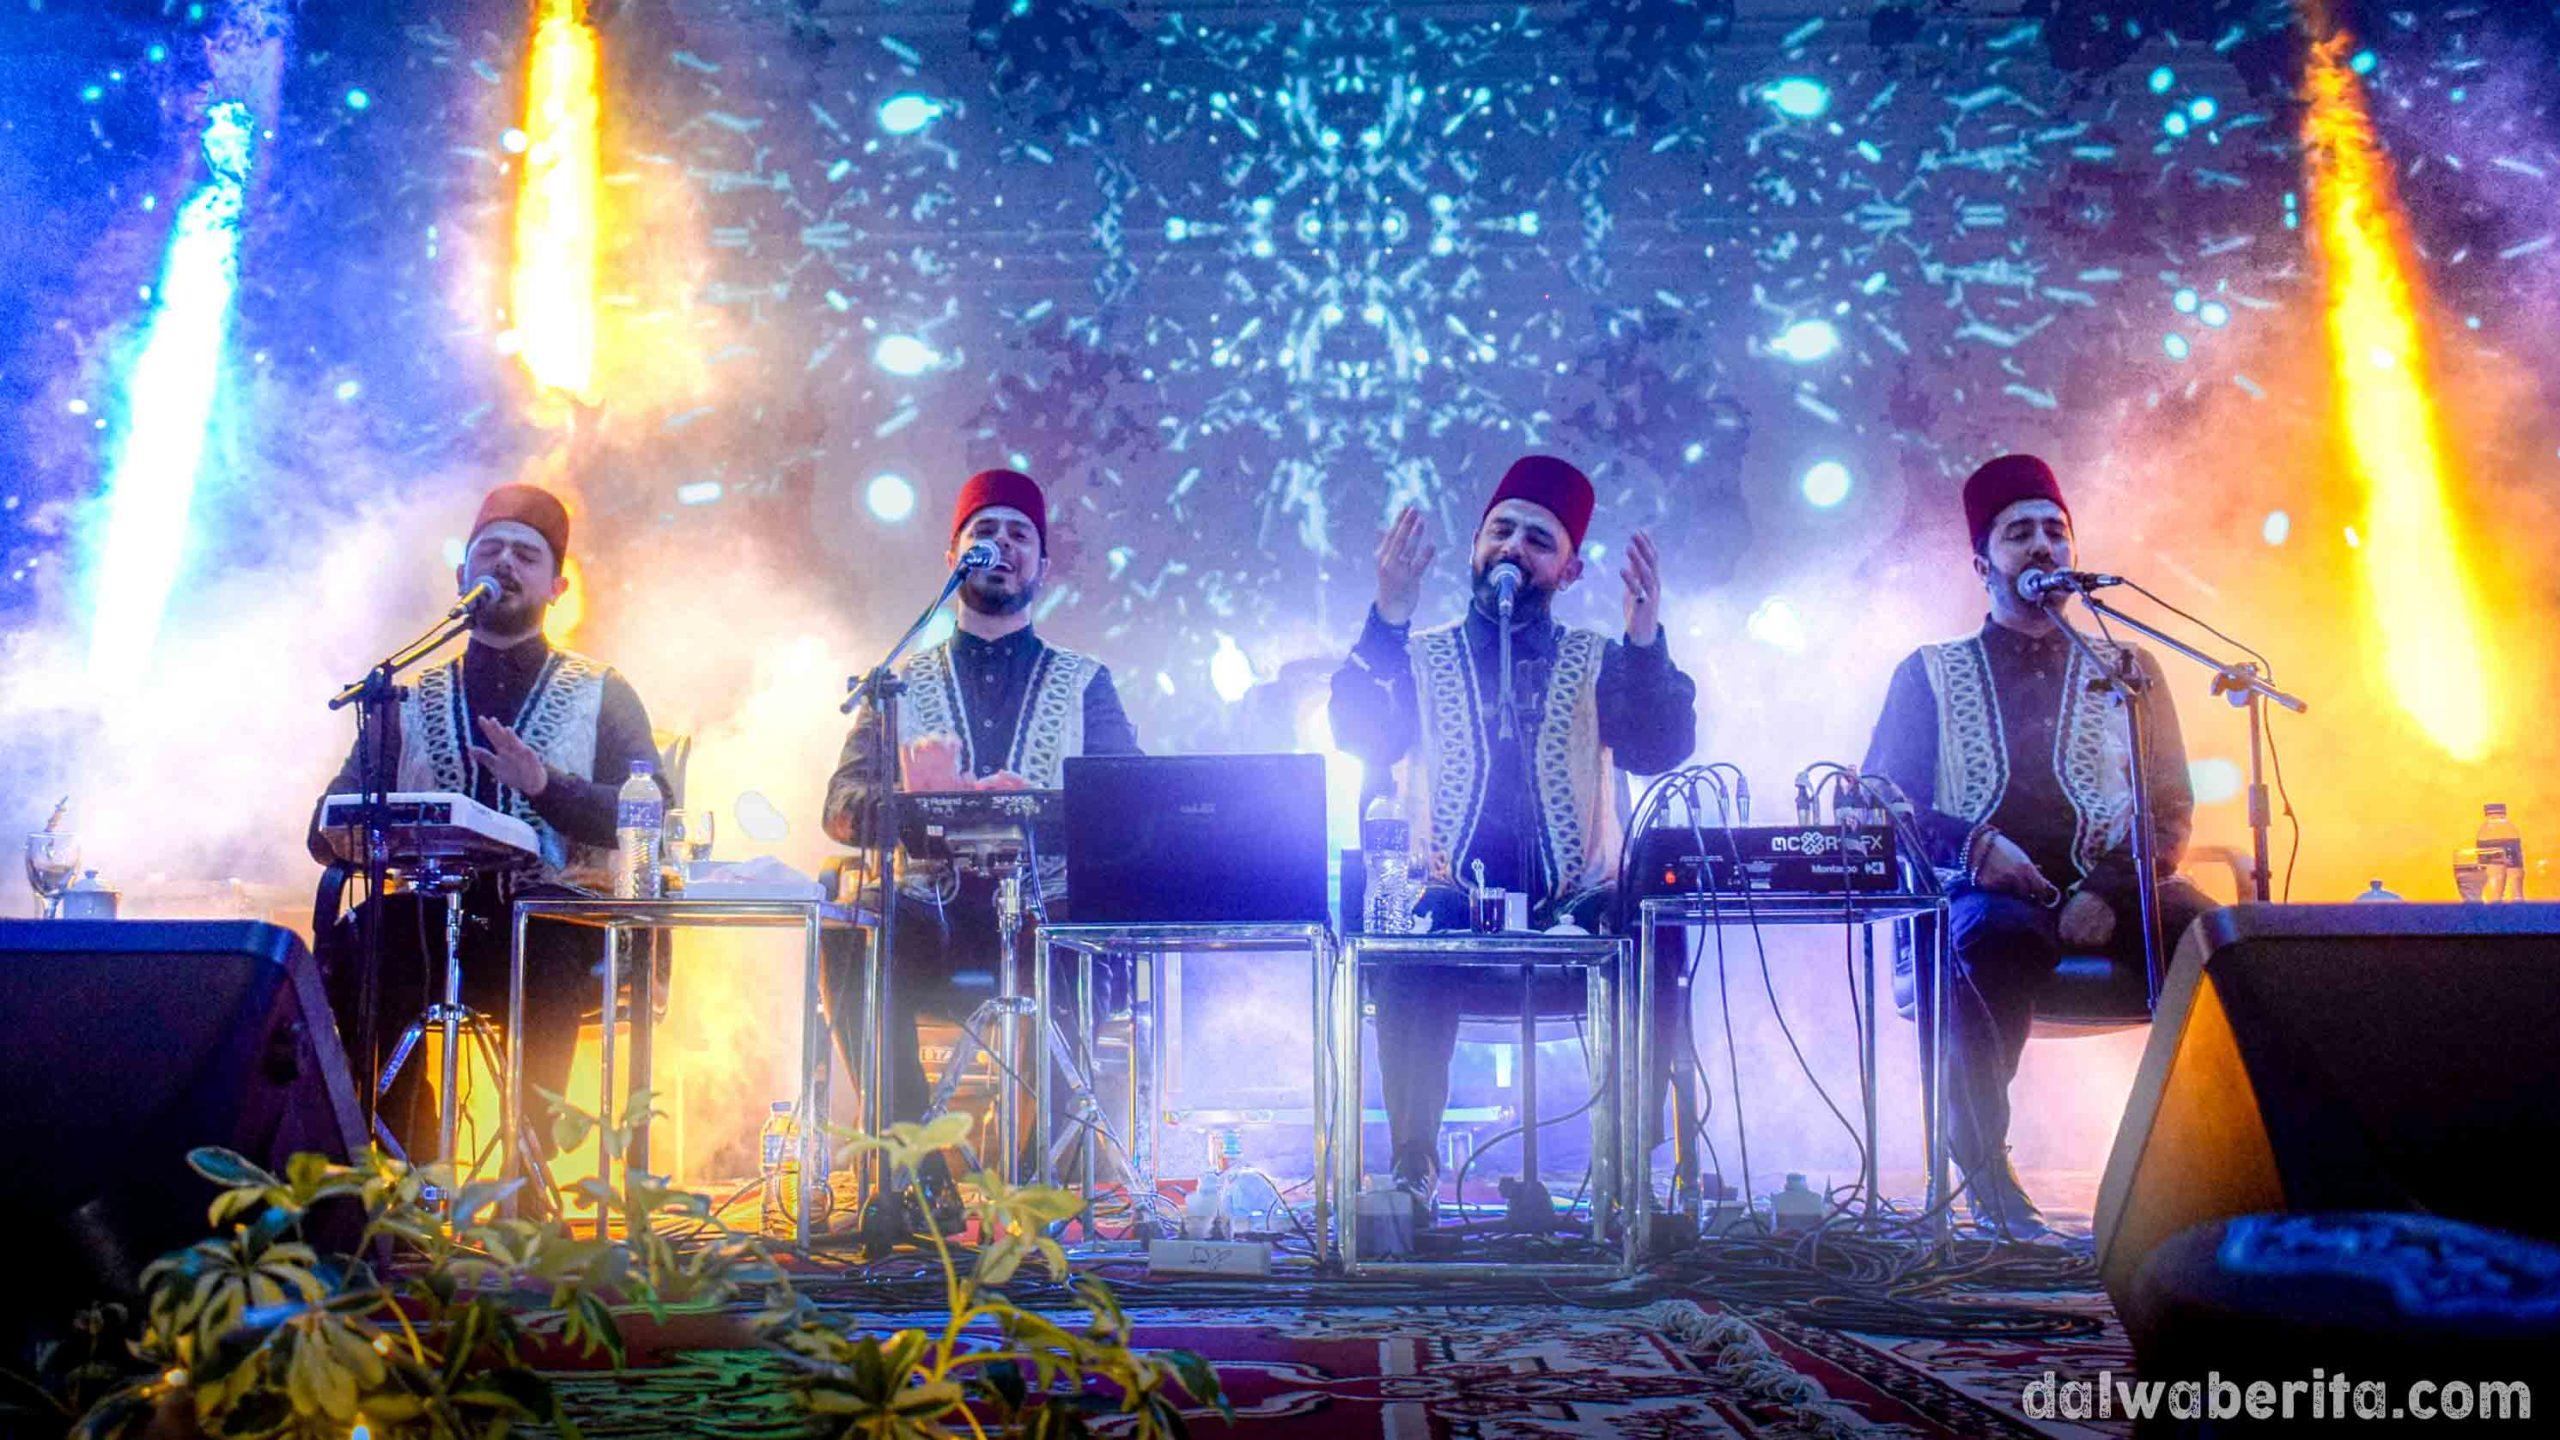 Grup Nasyid Asal Syiria Membuat Abuya Terharu